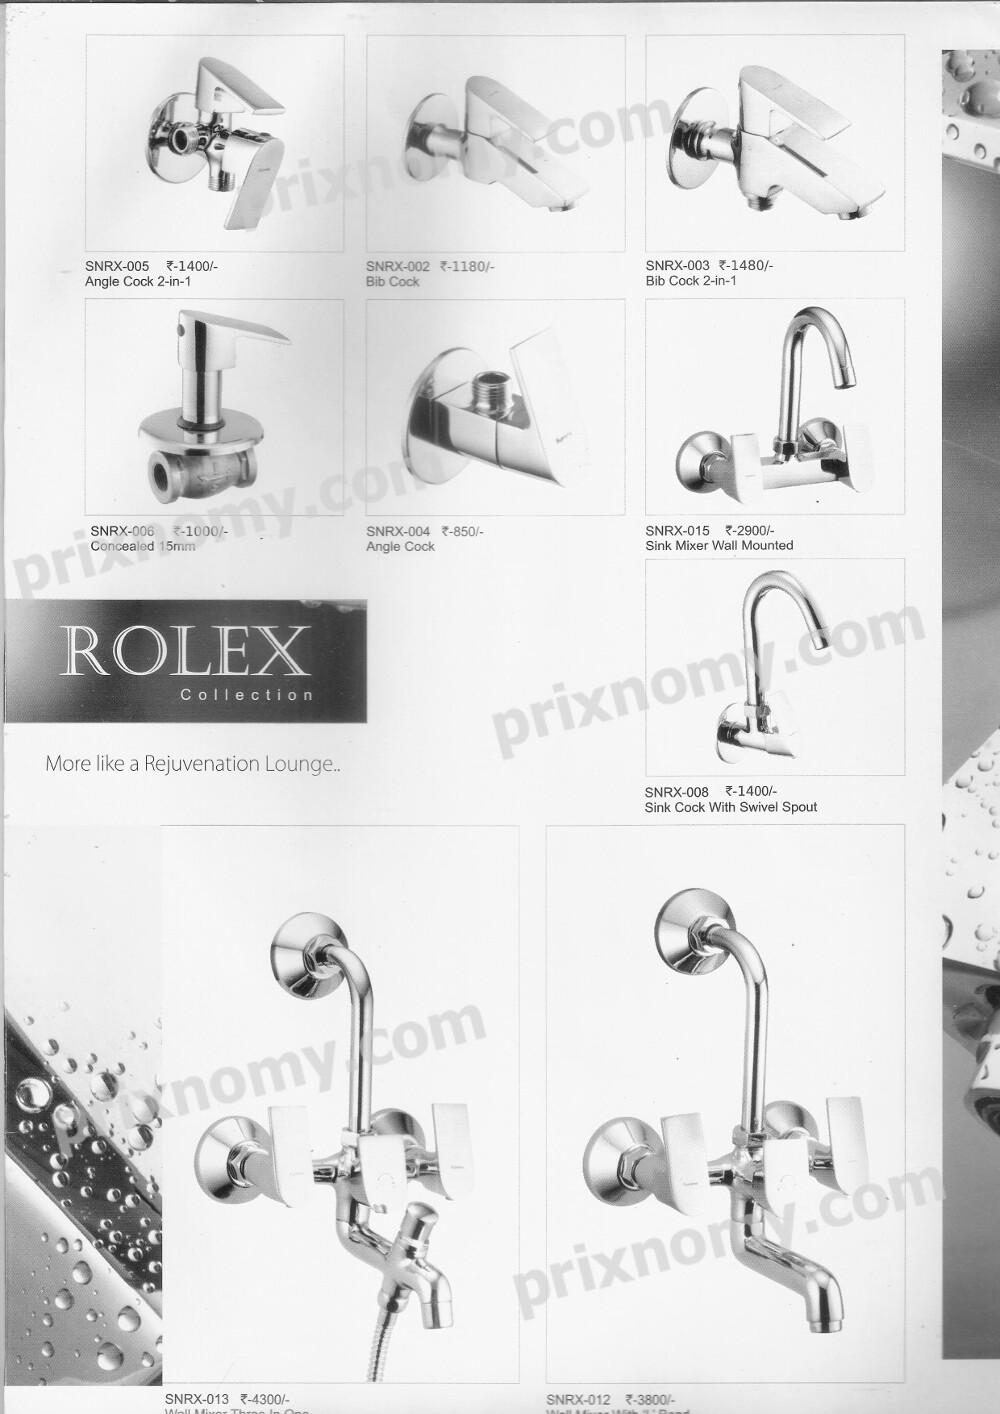 Bathroom Fittings Price List Amazing Bedroom  Living Room. Hindware Bath Fitting Price List   Rukinet com